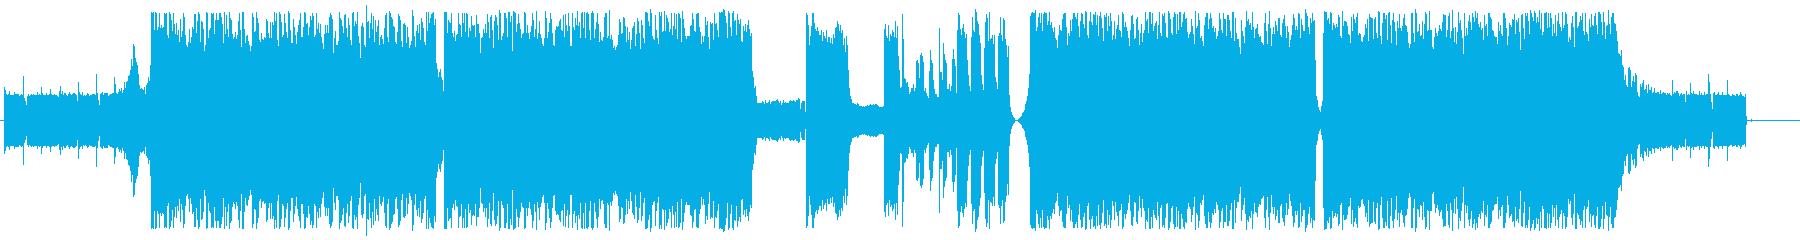 過激で重いメタルコアの再生済みの波形